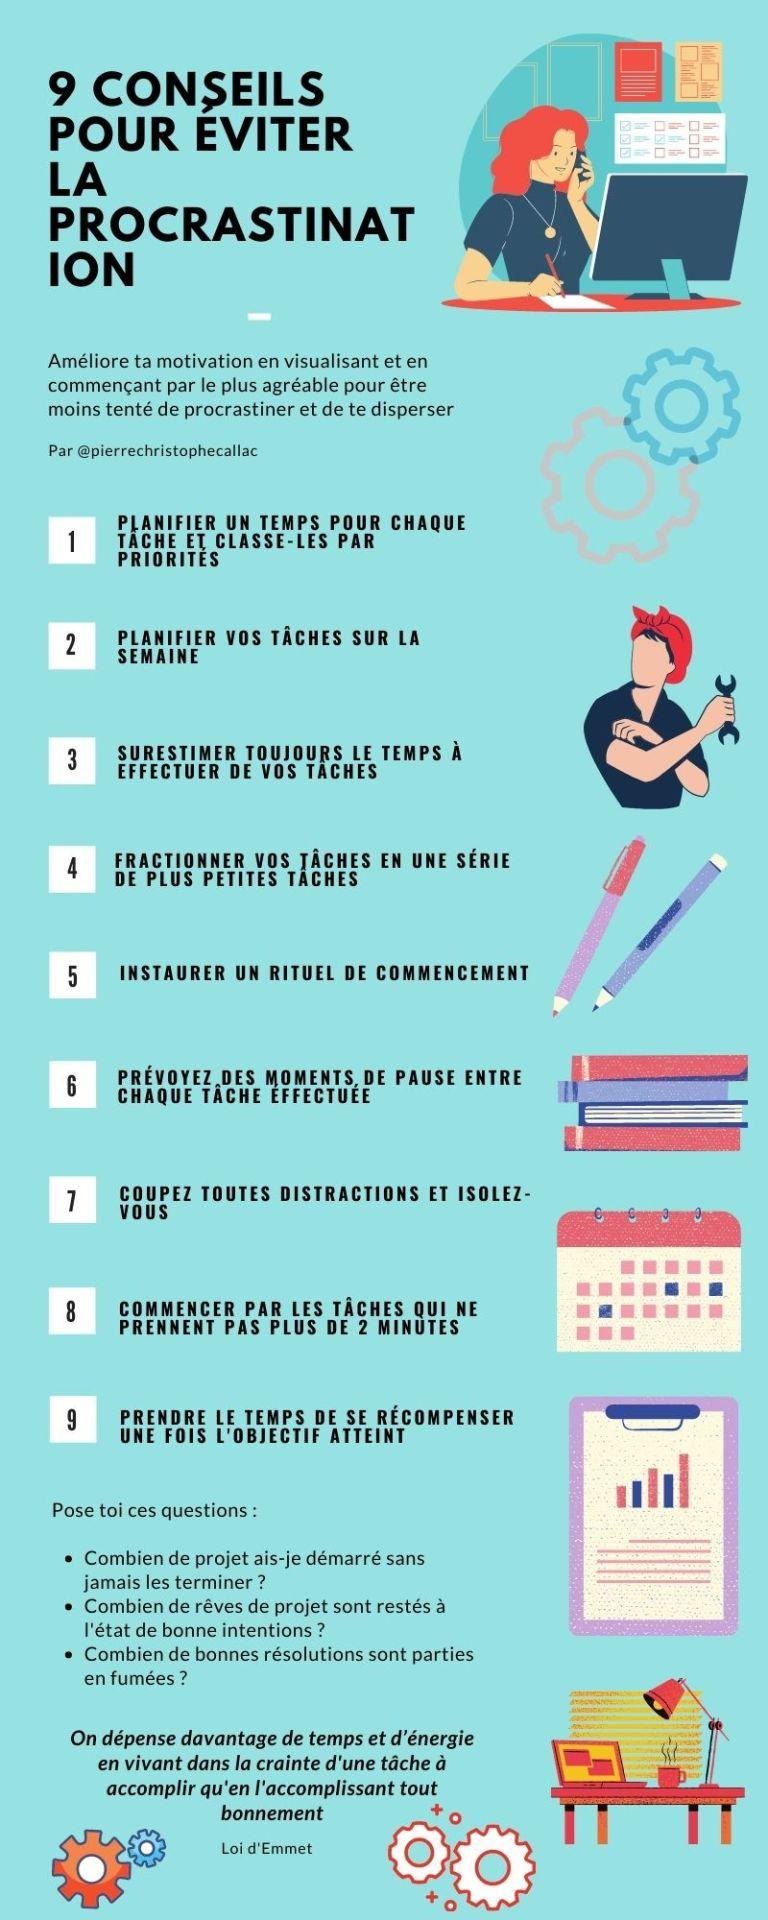 éviter la procrastination : les 9 conseils pour éviter la procrastination